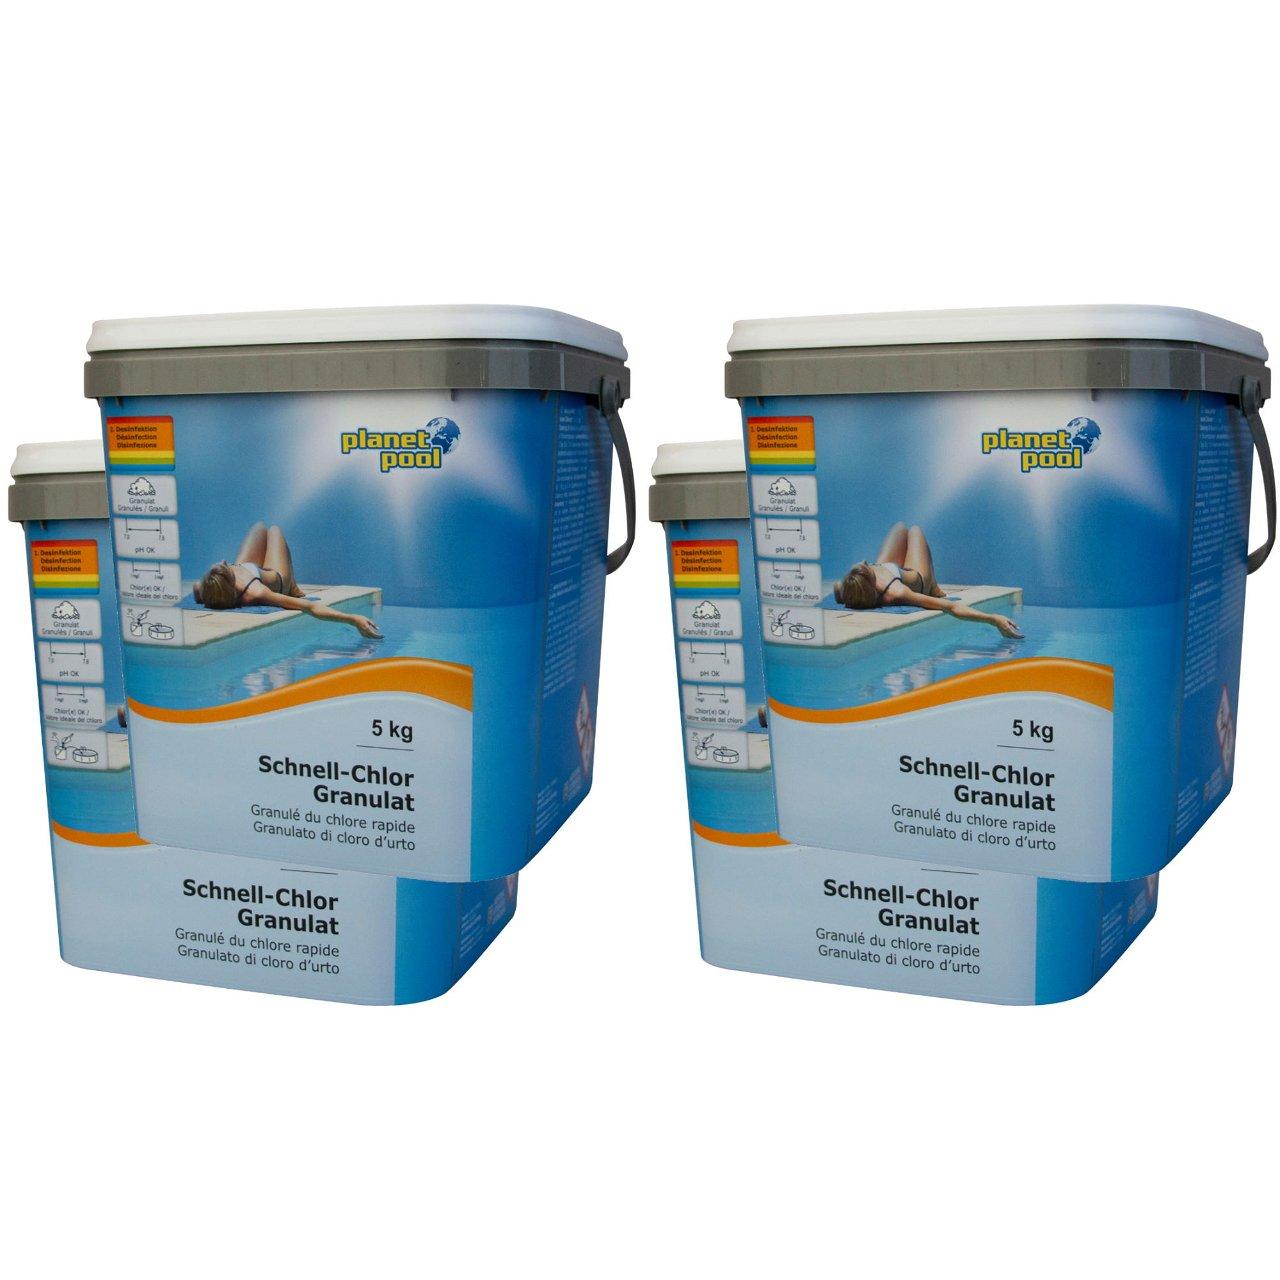 PLANET POOL Schnell-Chlor-Granulat 20 kg